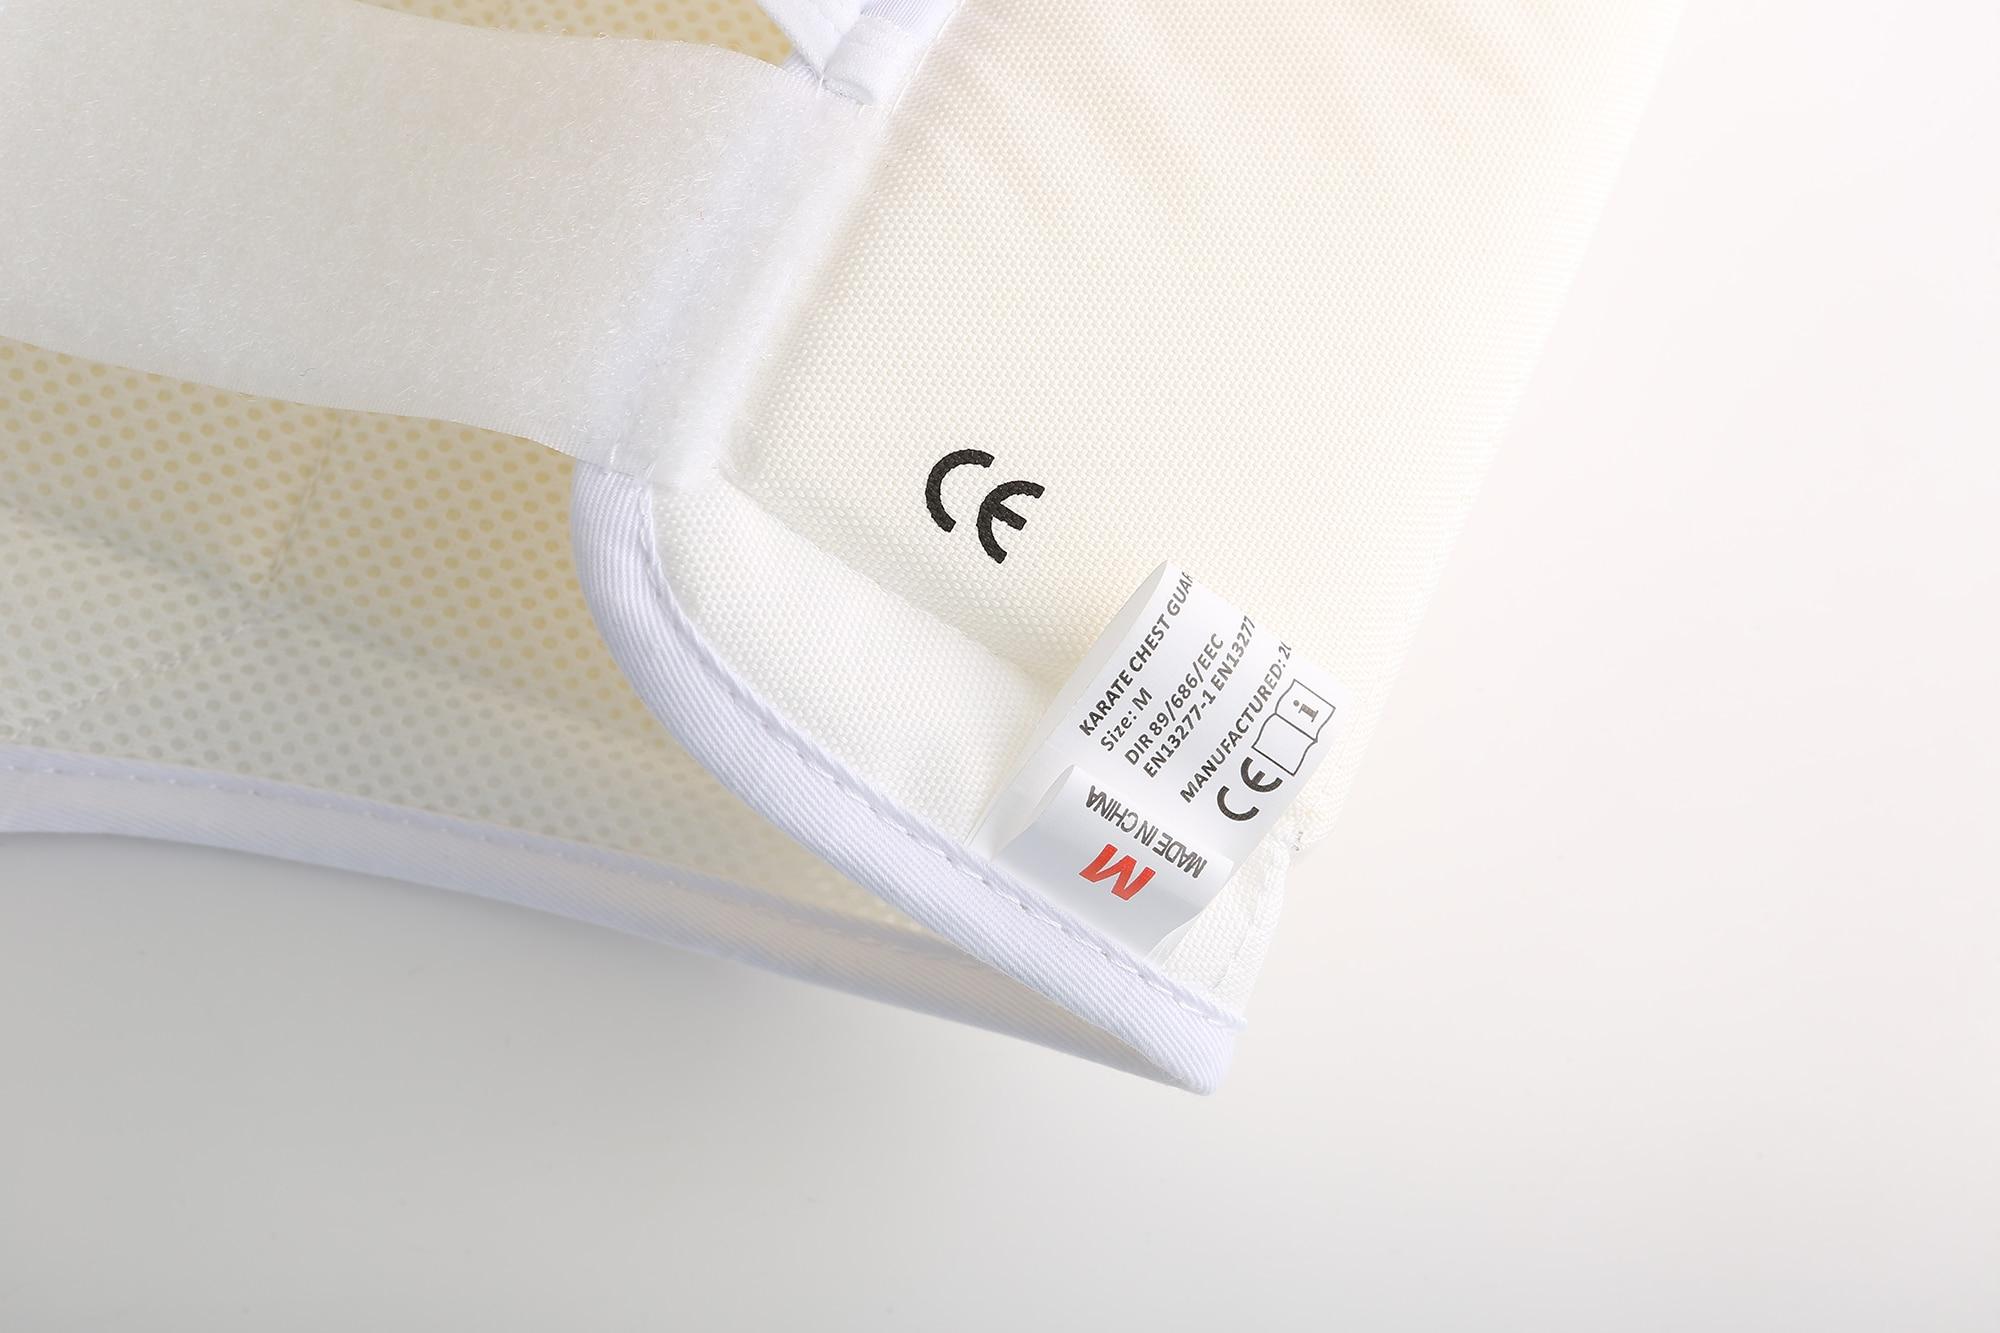 Image 5 - WKF Сертификация SMAI каратэ защита для груди Экстрим каратэ  защита для груди для бокса защита для груди каратэПрочие продукты для  фитнеса и бодибилдинга